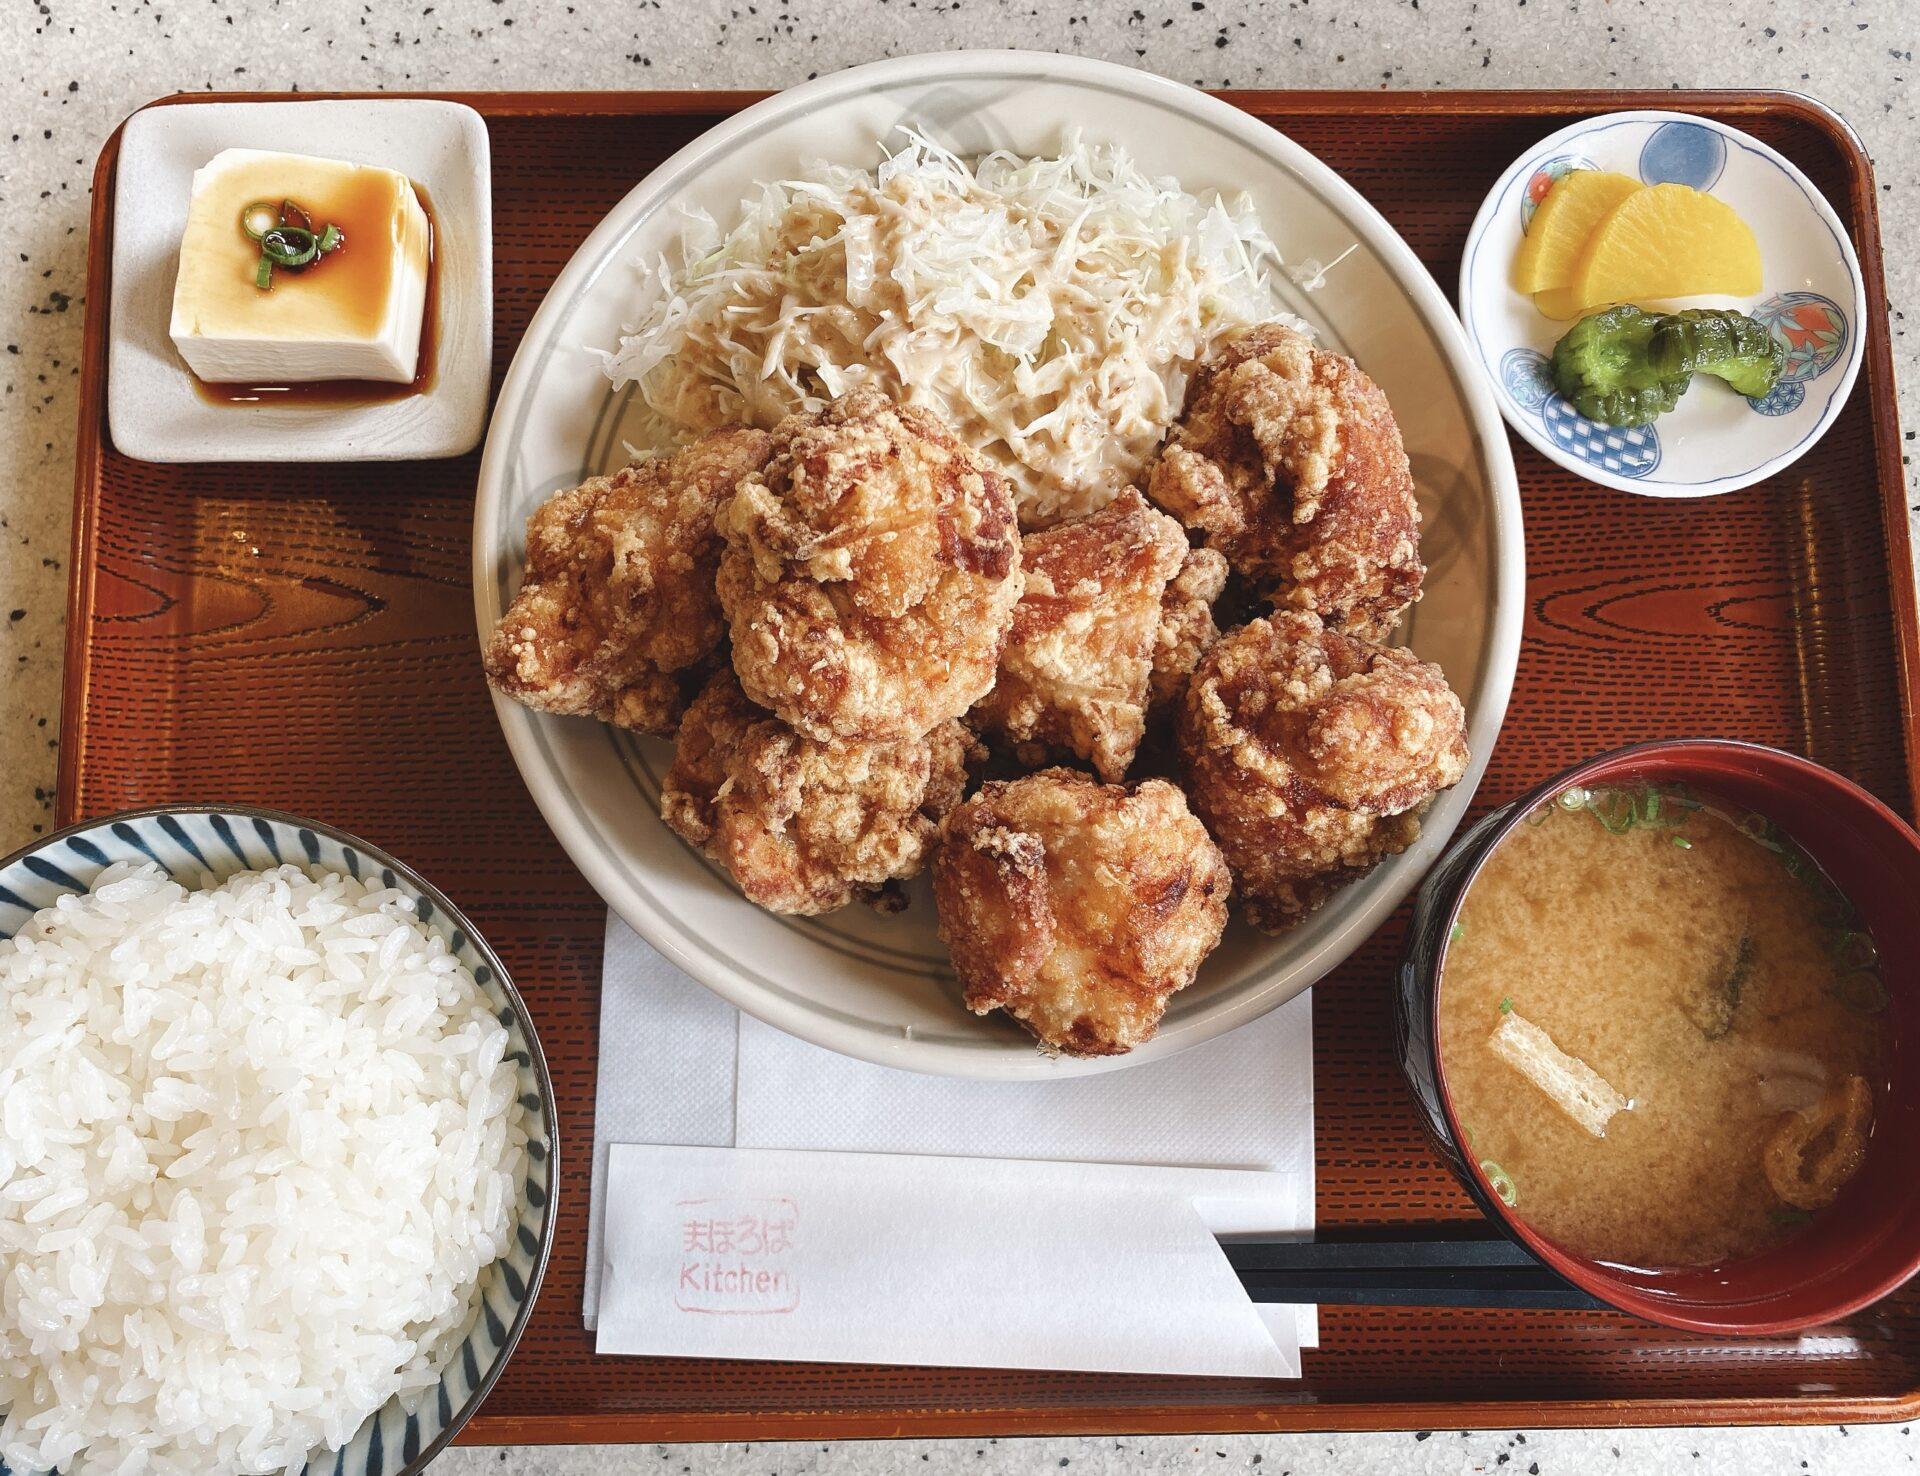 赤磐市【まほろばキッチン】デカくてジューシーな唐揚げが7つも入ってコスパのいいお得なランチは売切れ御免!